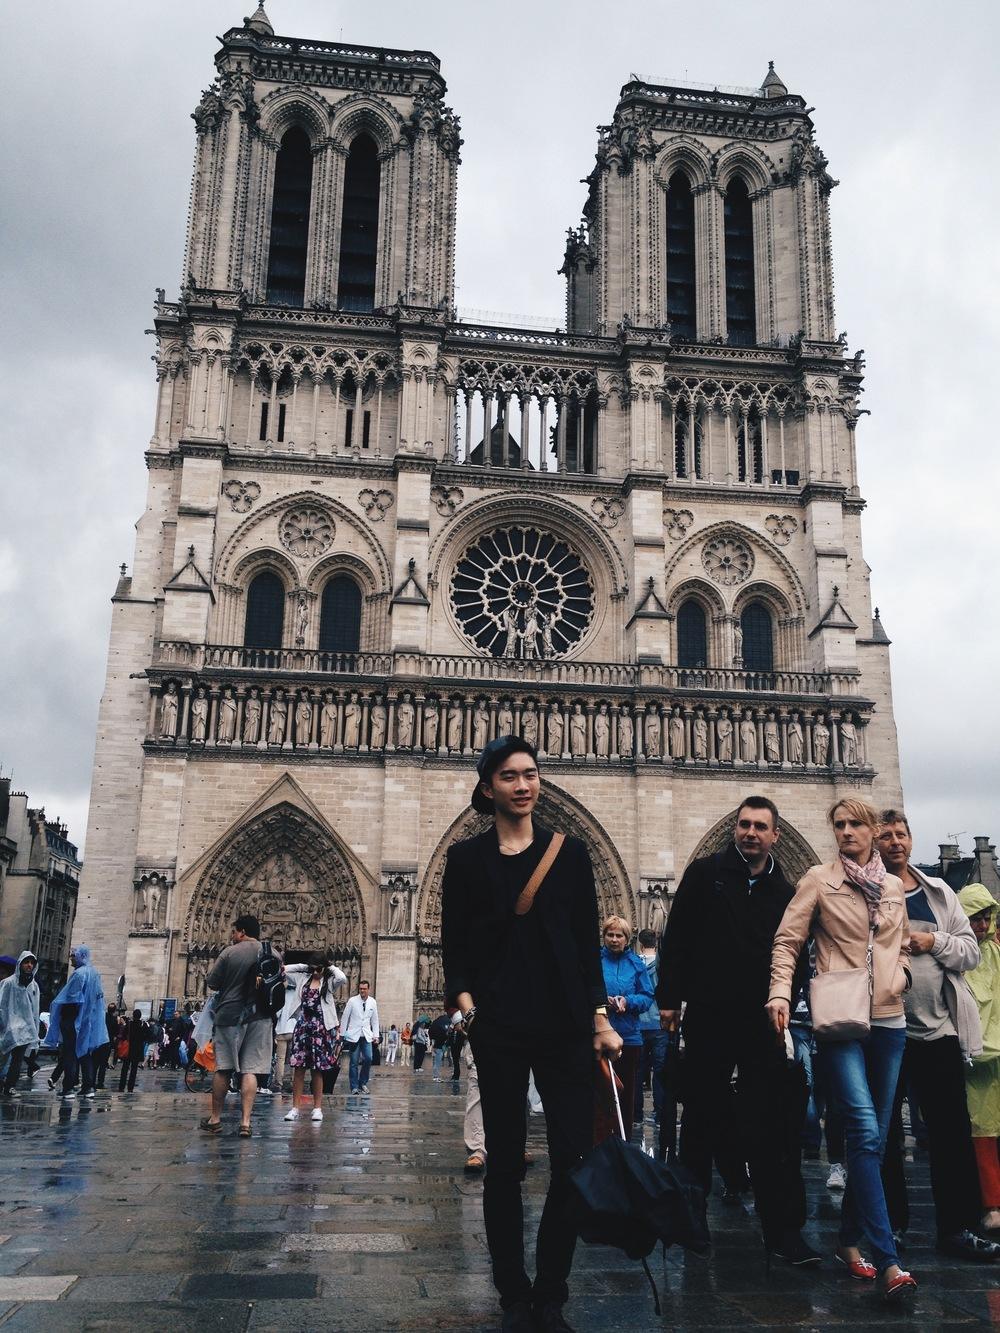 Weird stares at Notre Dame